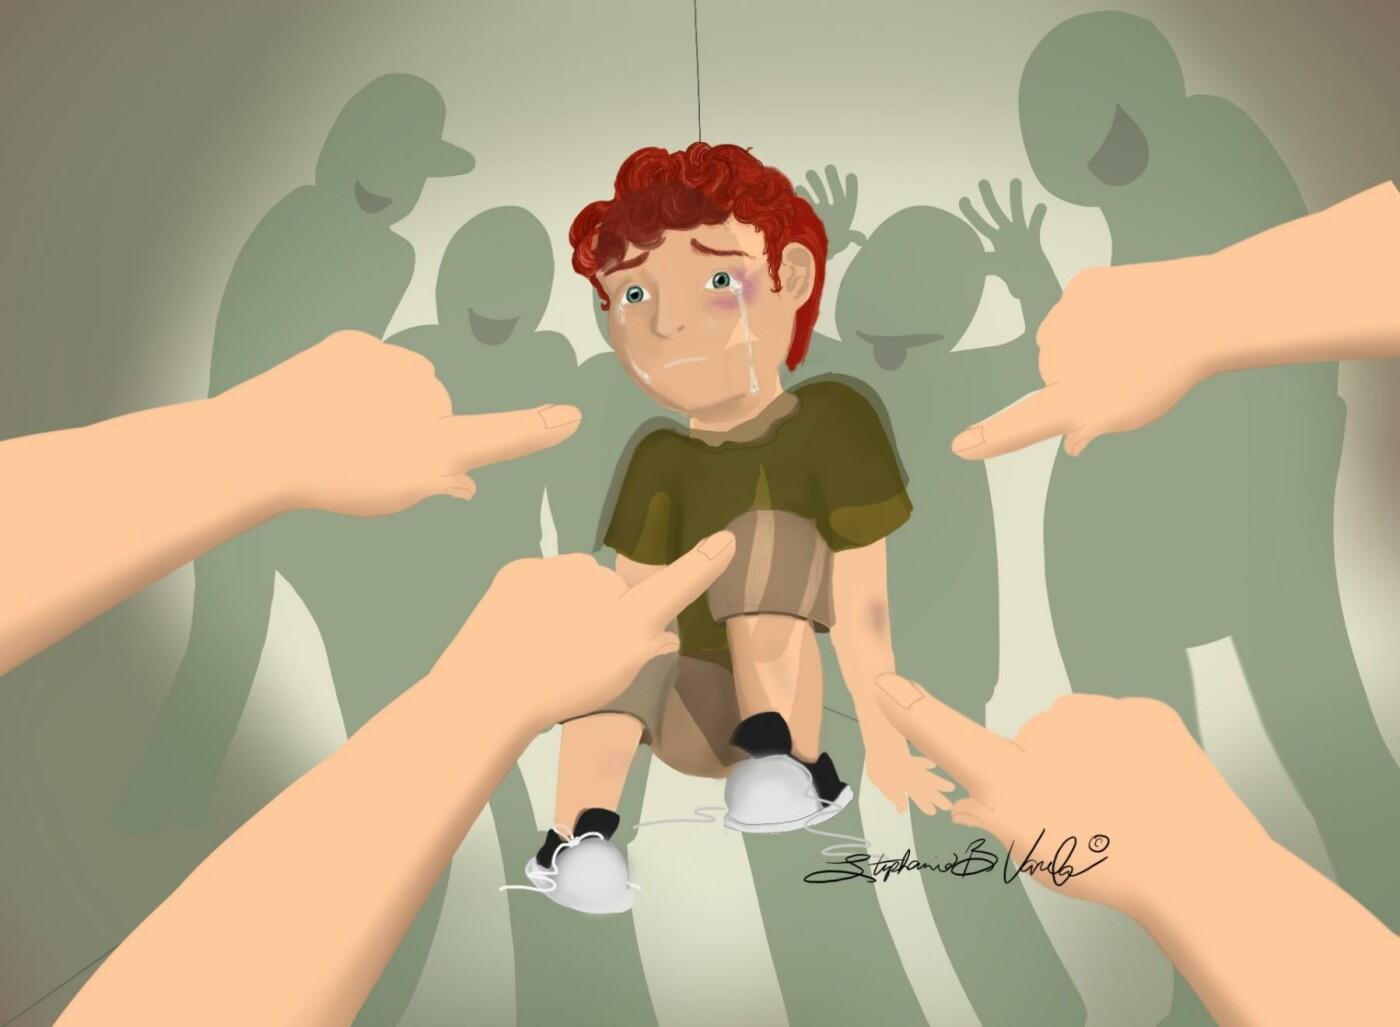 За издевательство над детьми будут штрафовать, фото-2